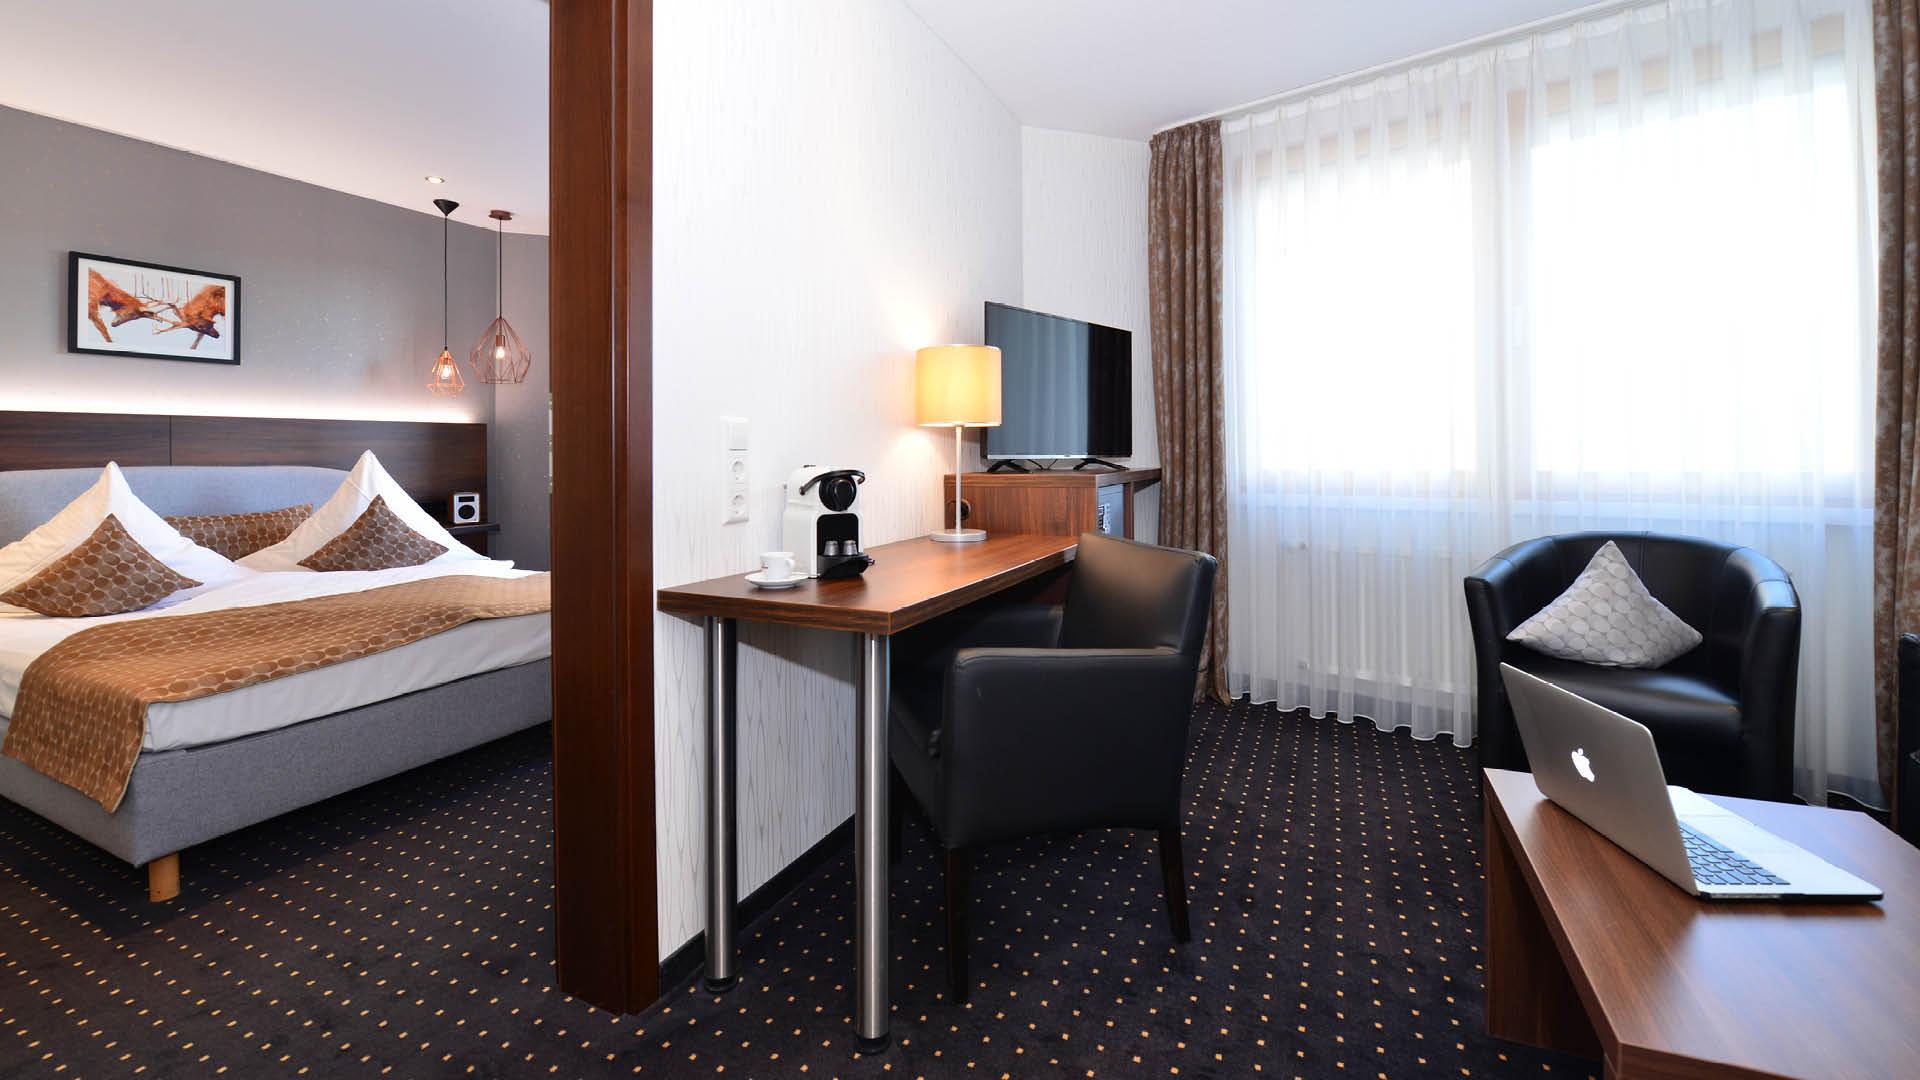 Miller-Ladenbau Hotel Lobinger 04 1920x1080